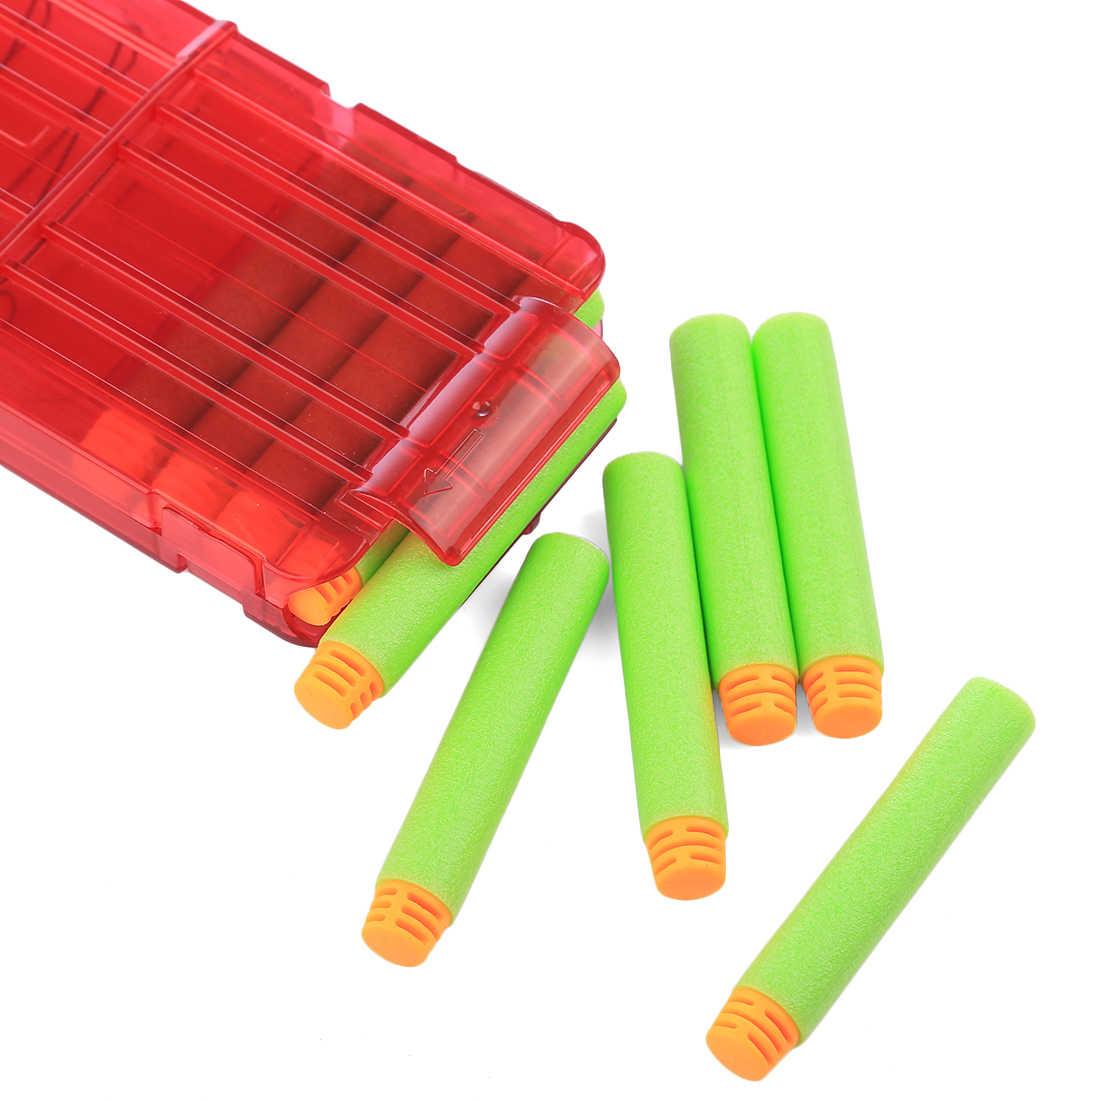 300 قطعة 7.2*1.3 سنتيمتر إعادة الملء السهام رصاصة طرية ل Nerf النخبة سلسلة الناسف الاطفال مسدس لعبة رصاصة طرية الأزرق رغوة البنادق اكسسوارات